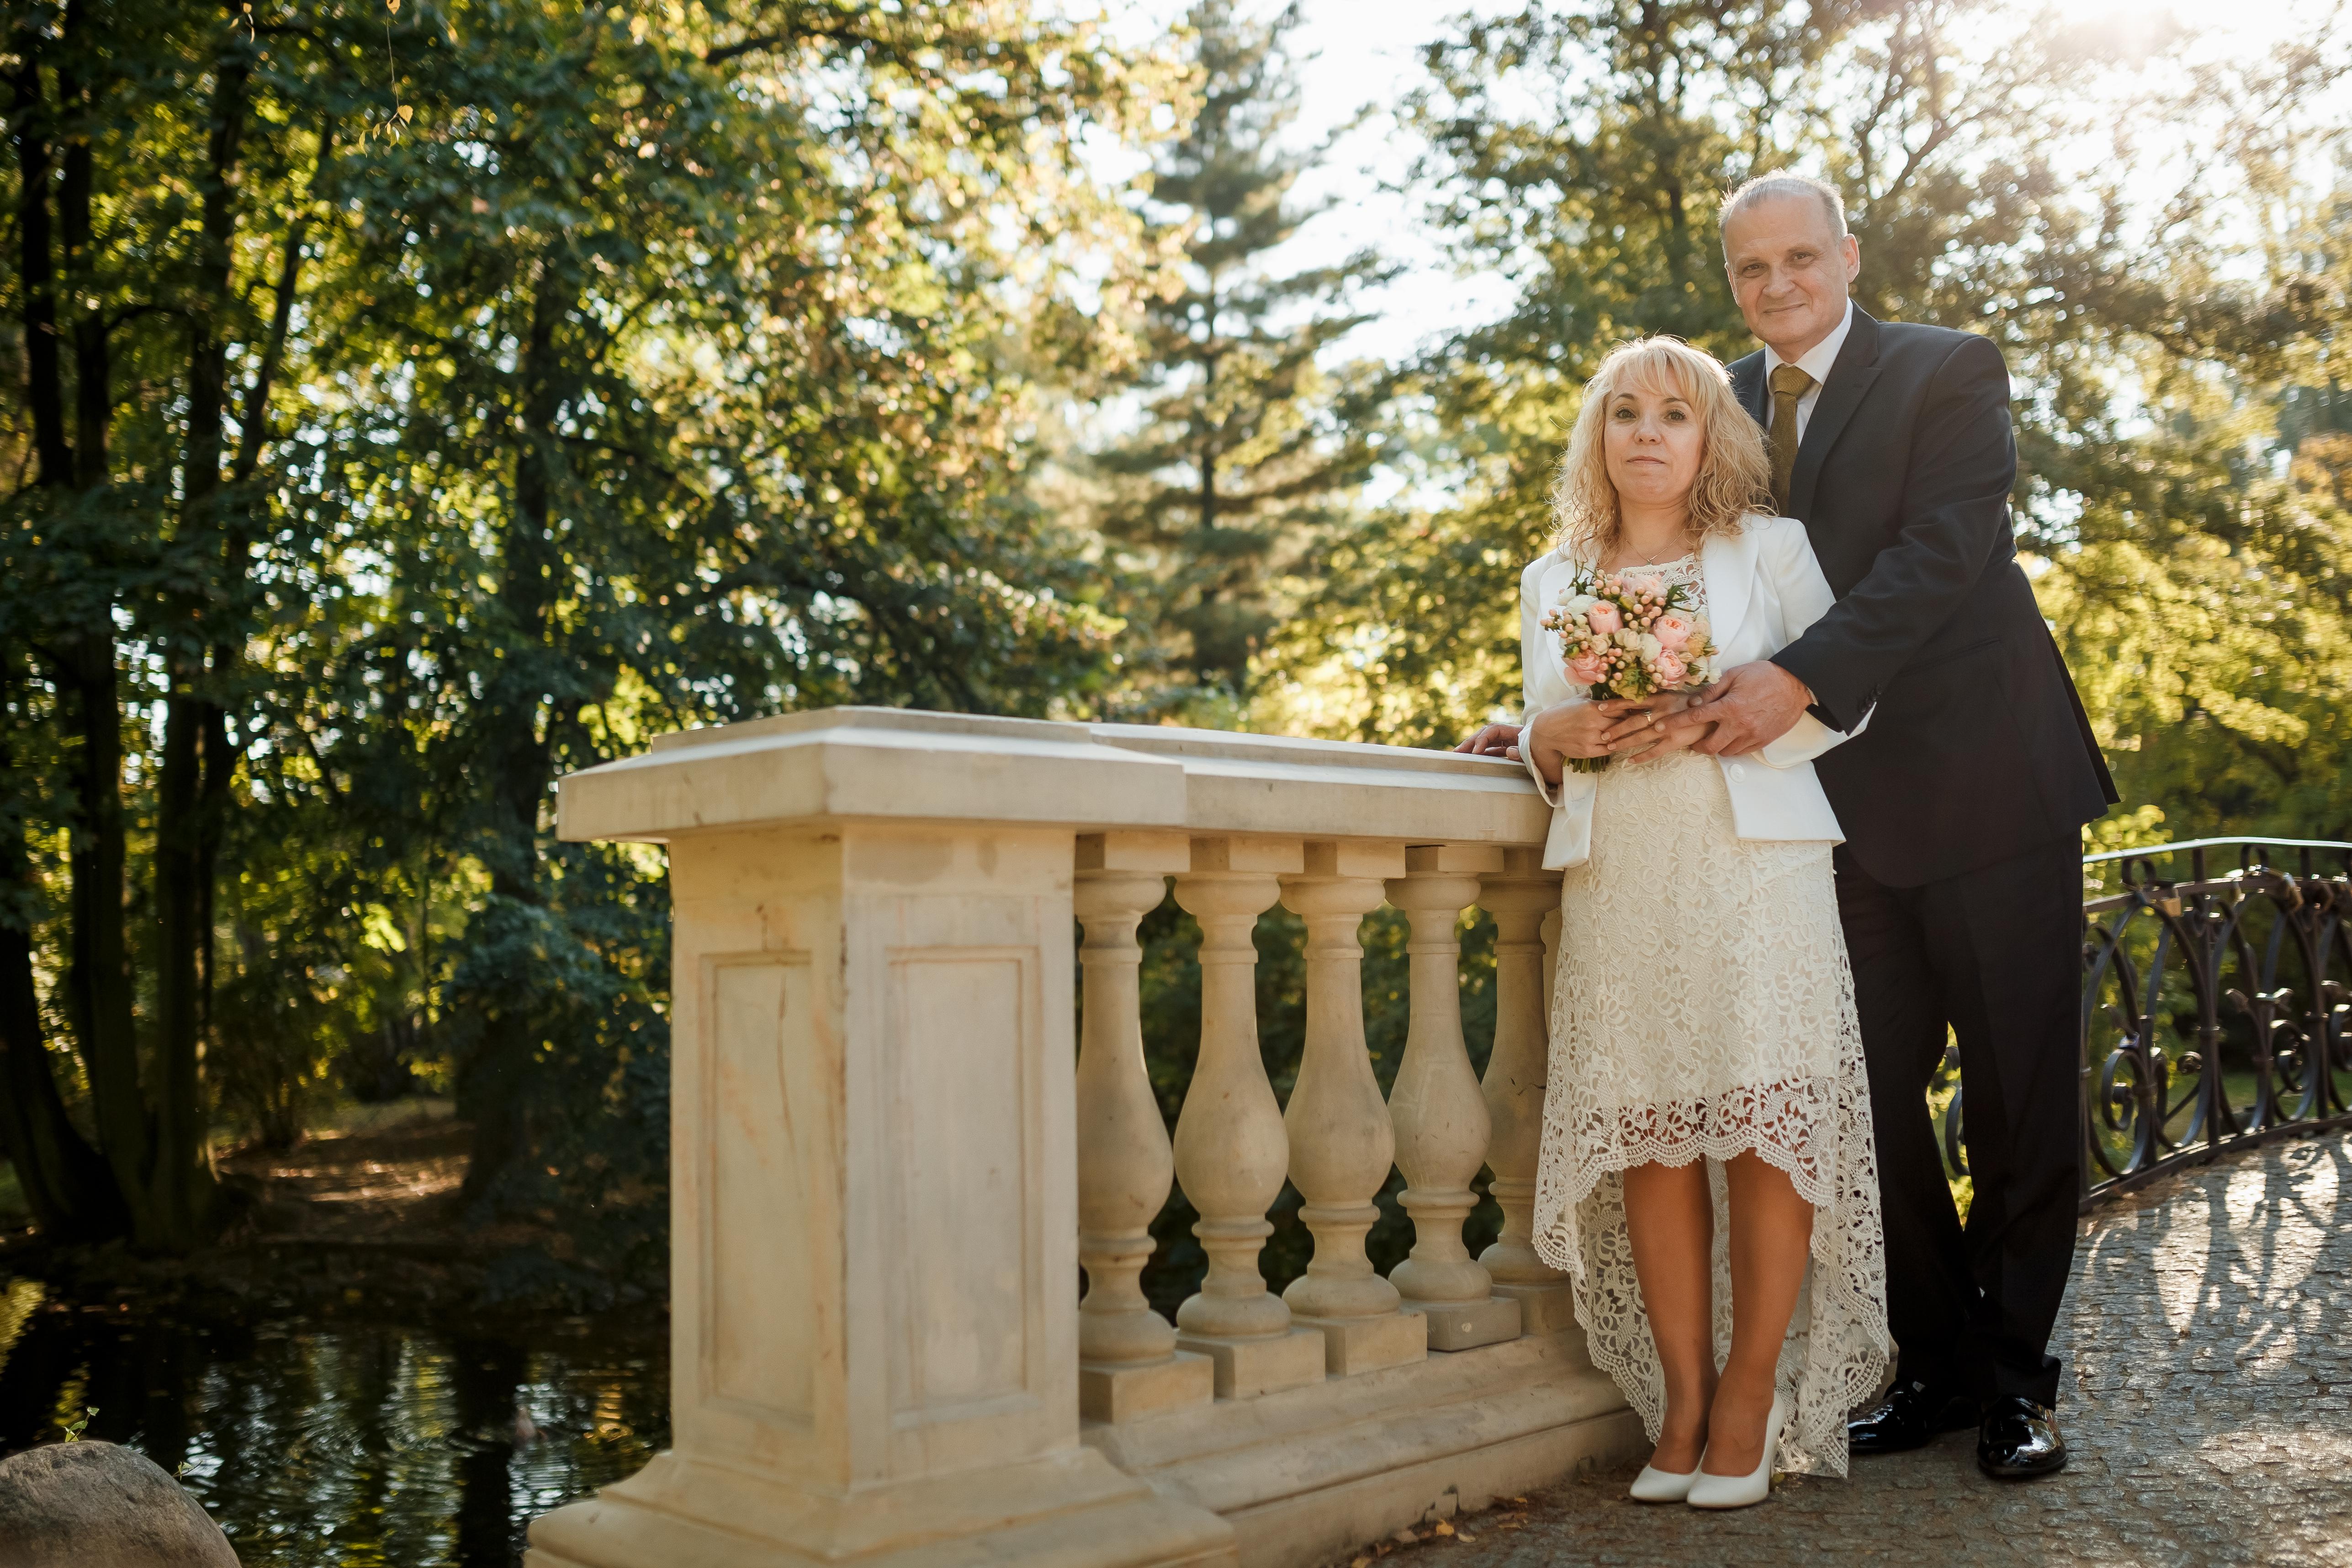 Выйти замуж за поляка, какие трудности и сложности предстоят перед тем как выйти замуж за поляка-6